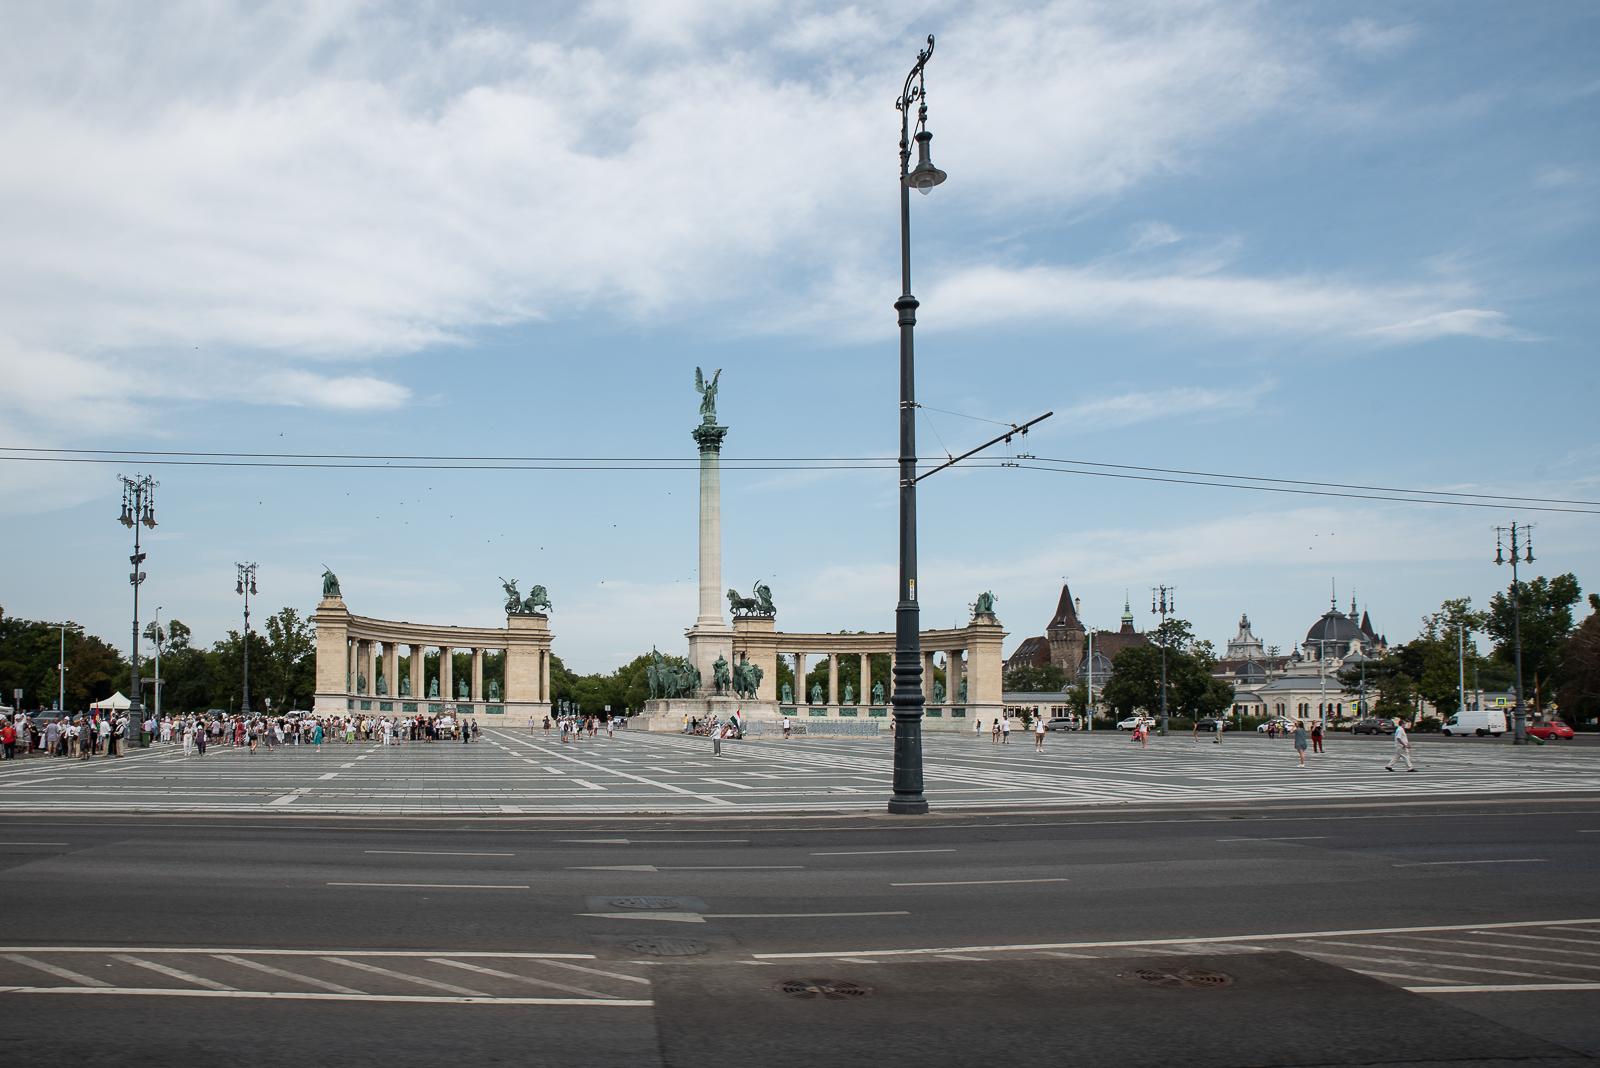 20200830_MW_DSC_5399_Ungarn